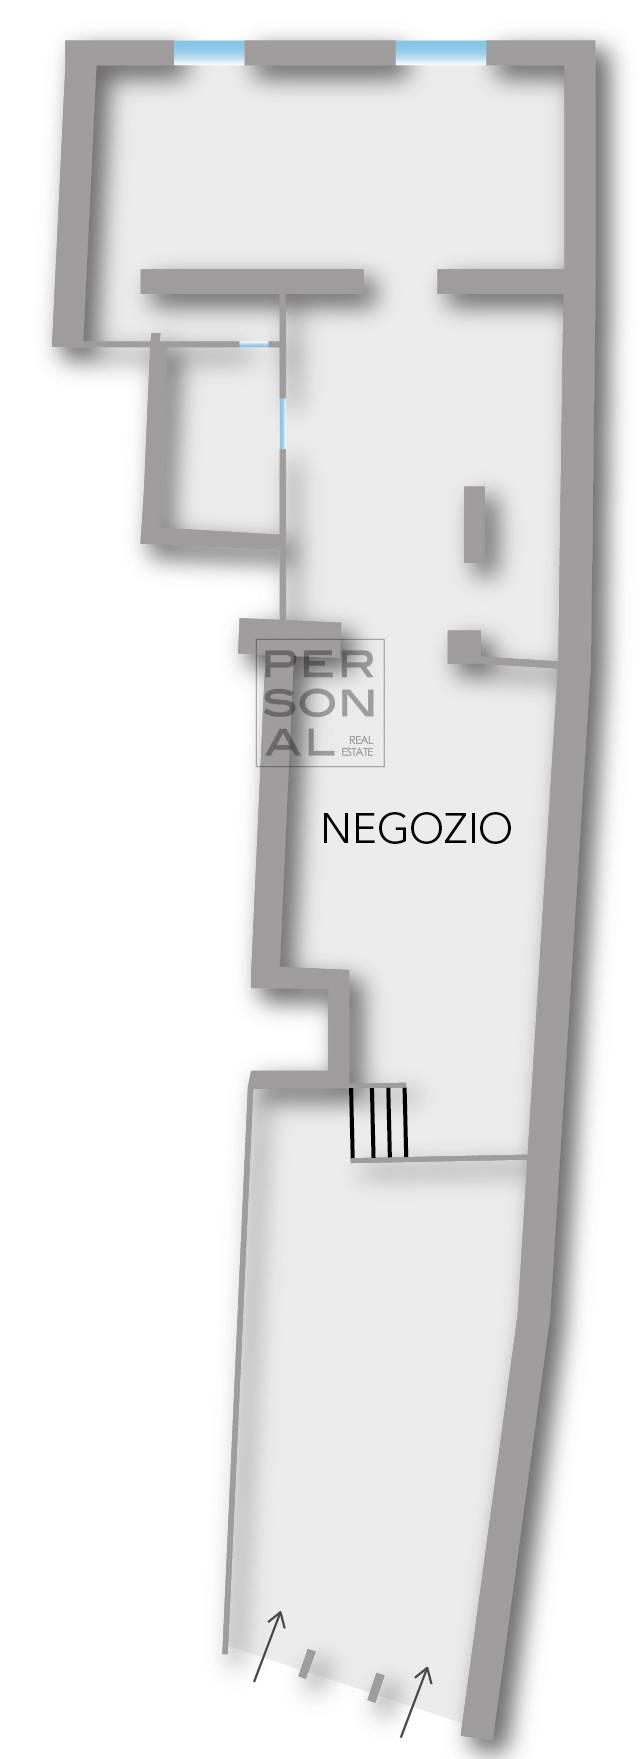 NEGOZIO in Vendita a Rovereto (TRENTO)